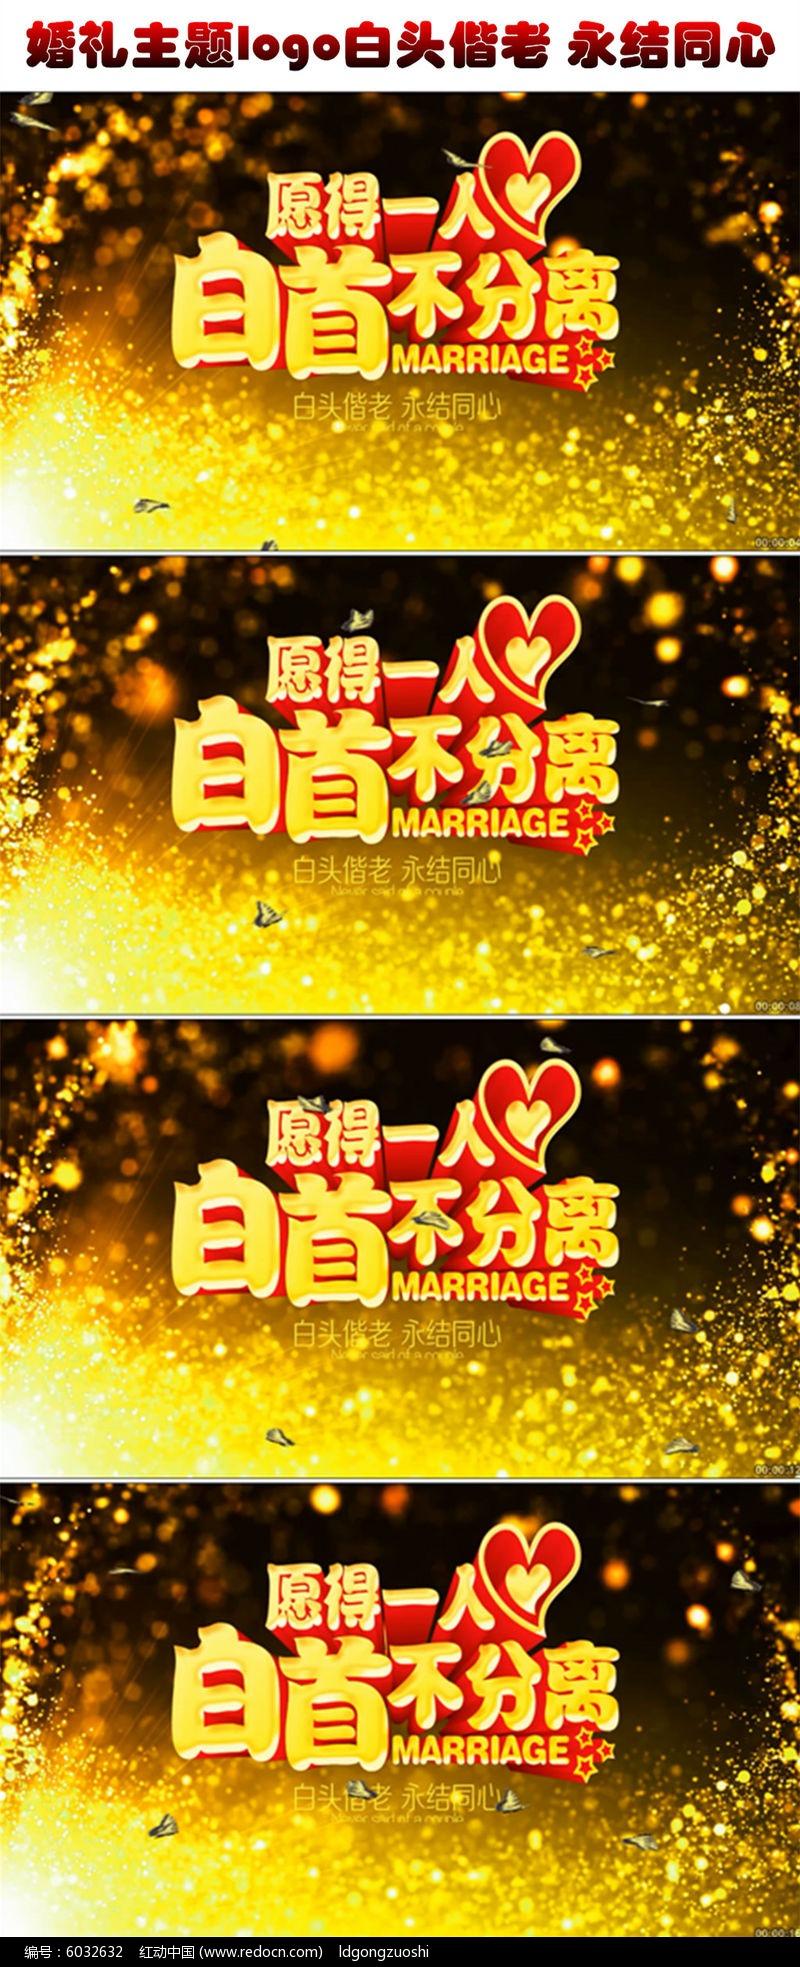 唯美大气欧式婚礼主题logo白头偕老永结同心婚礼婚庆led视频素材图片